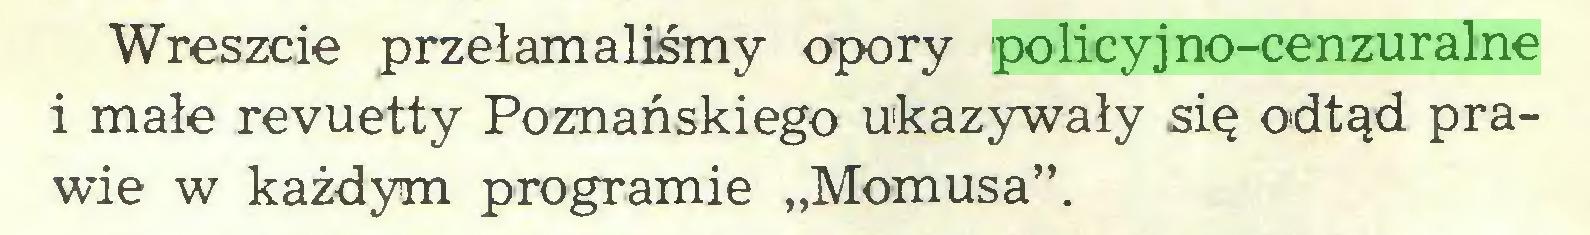 """(...) Wreszcie przełamaliśmy opory policyjno-cenzuralne i małe revuetty Poznańskiego ukazywały się odtąd prawie w każdym programie """"Momusa""""..."""